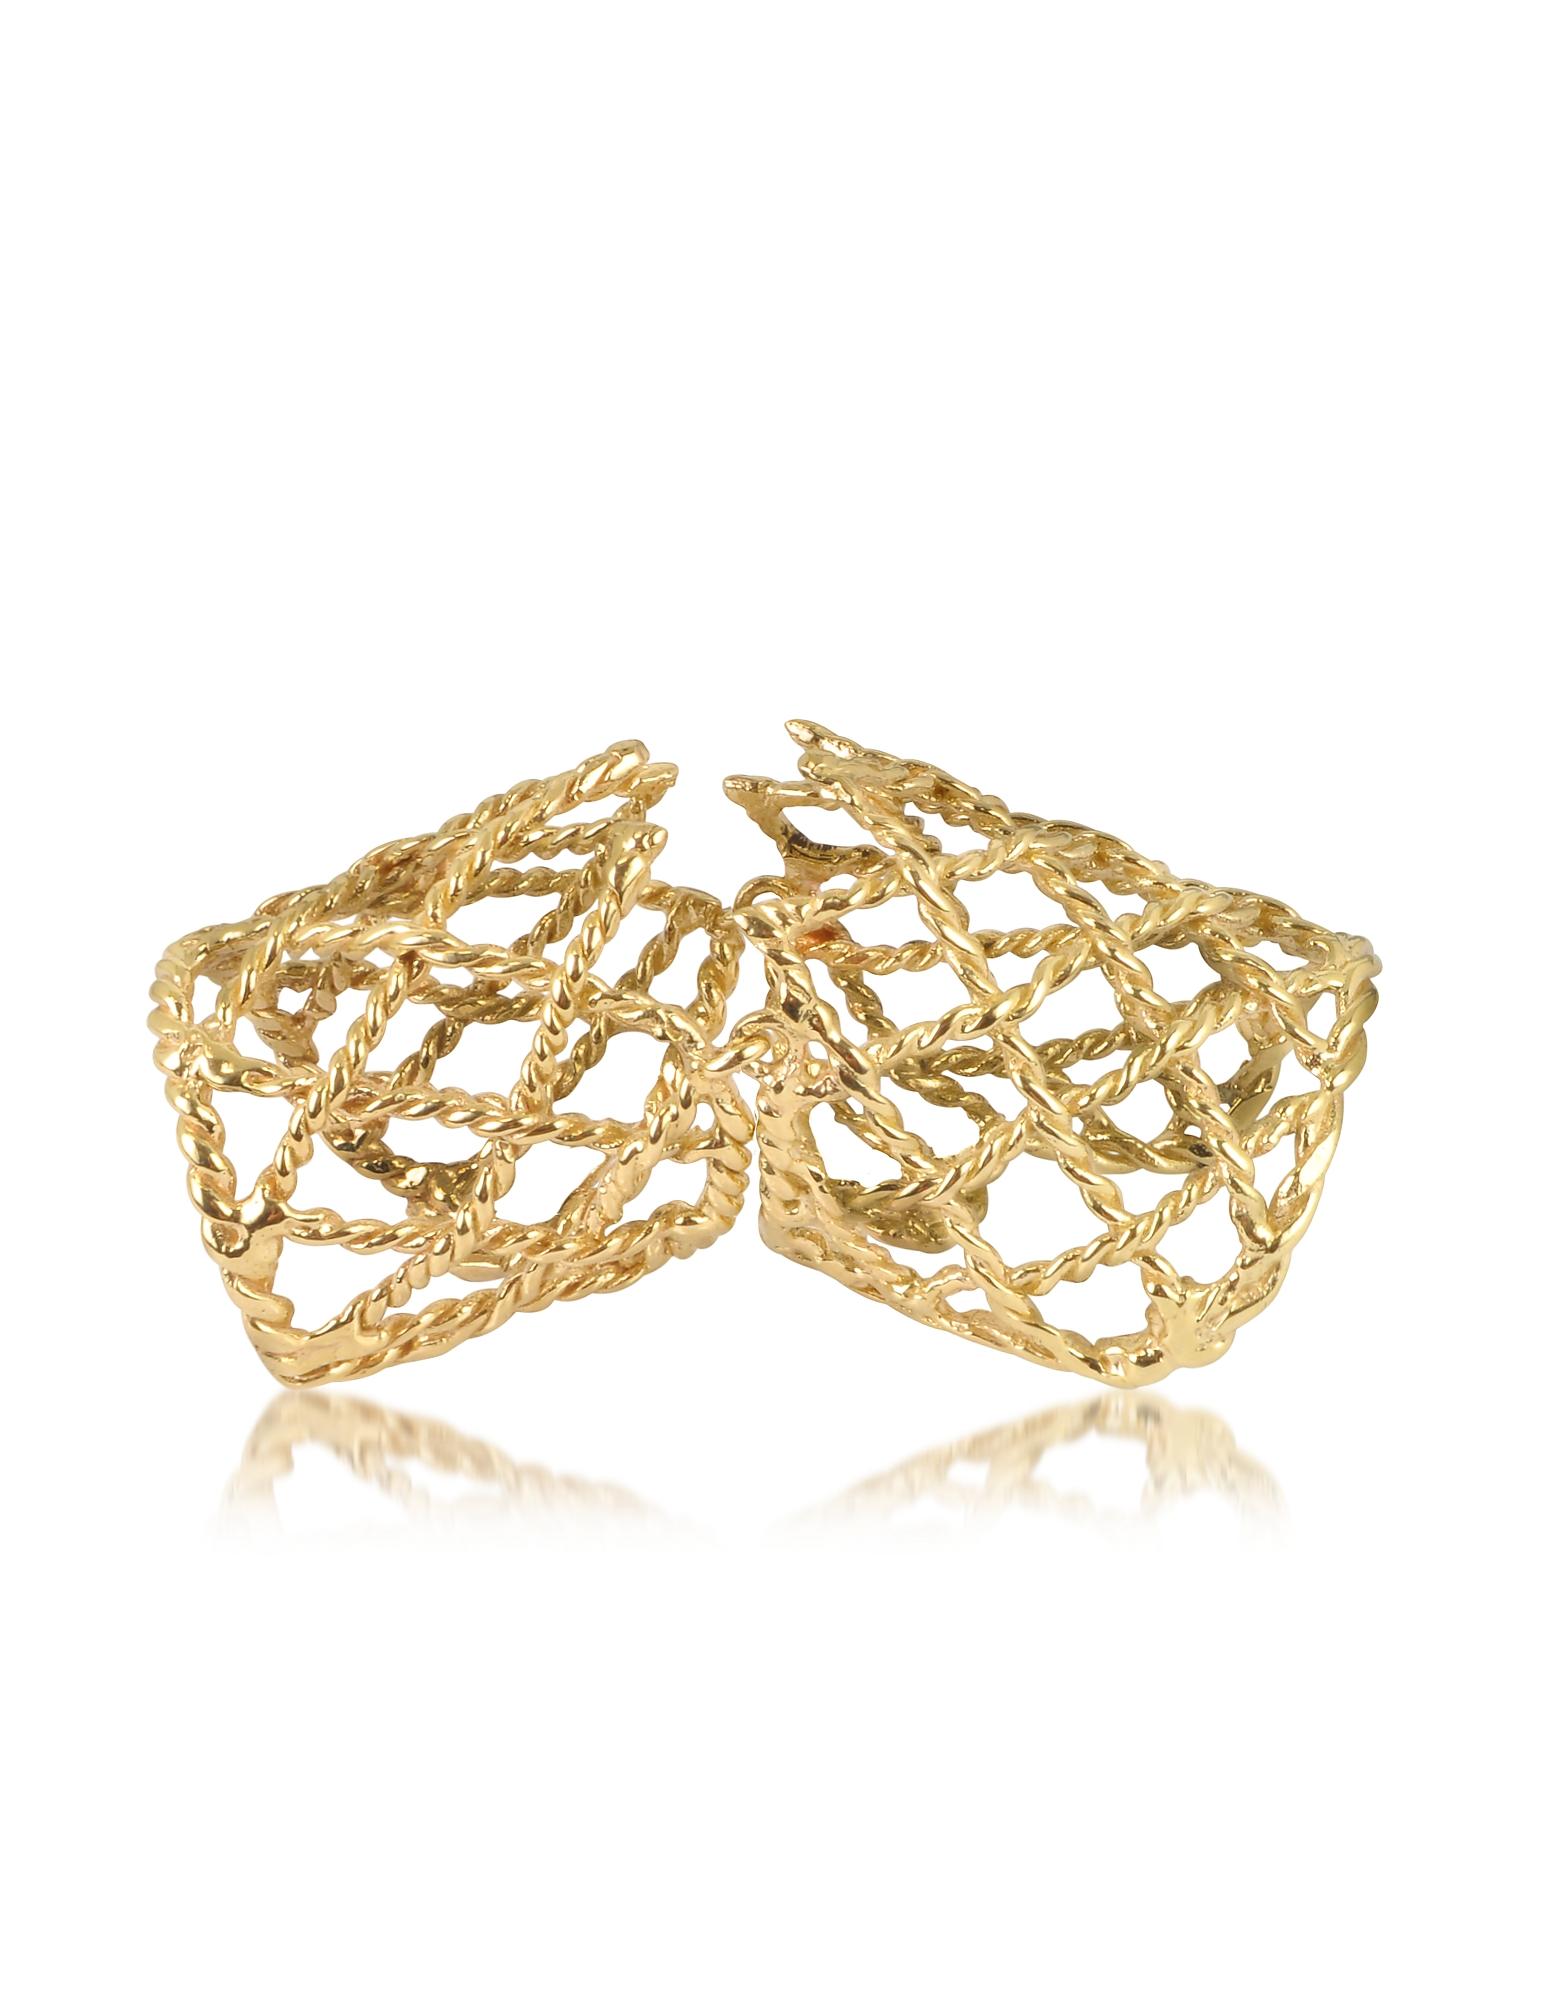 Bernard Delettrez Rings, Gold Articulated Basket Weave Ring